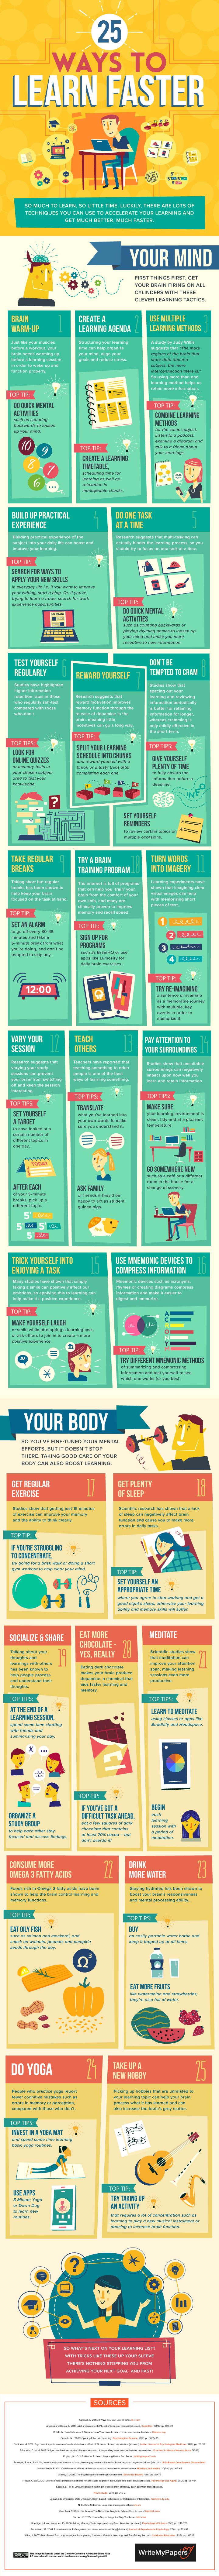 Comment apprendre plus rapidement ?